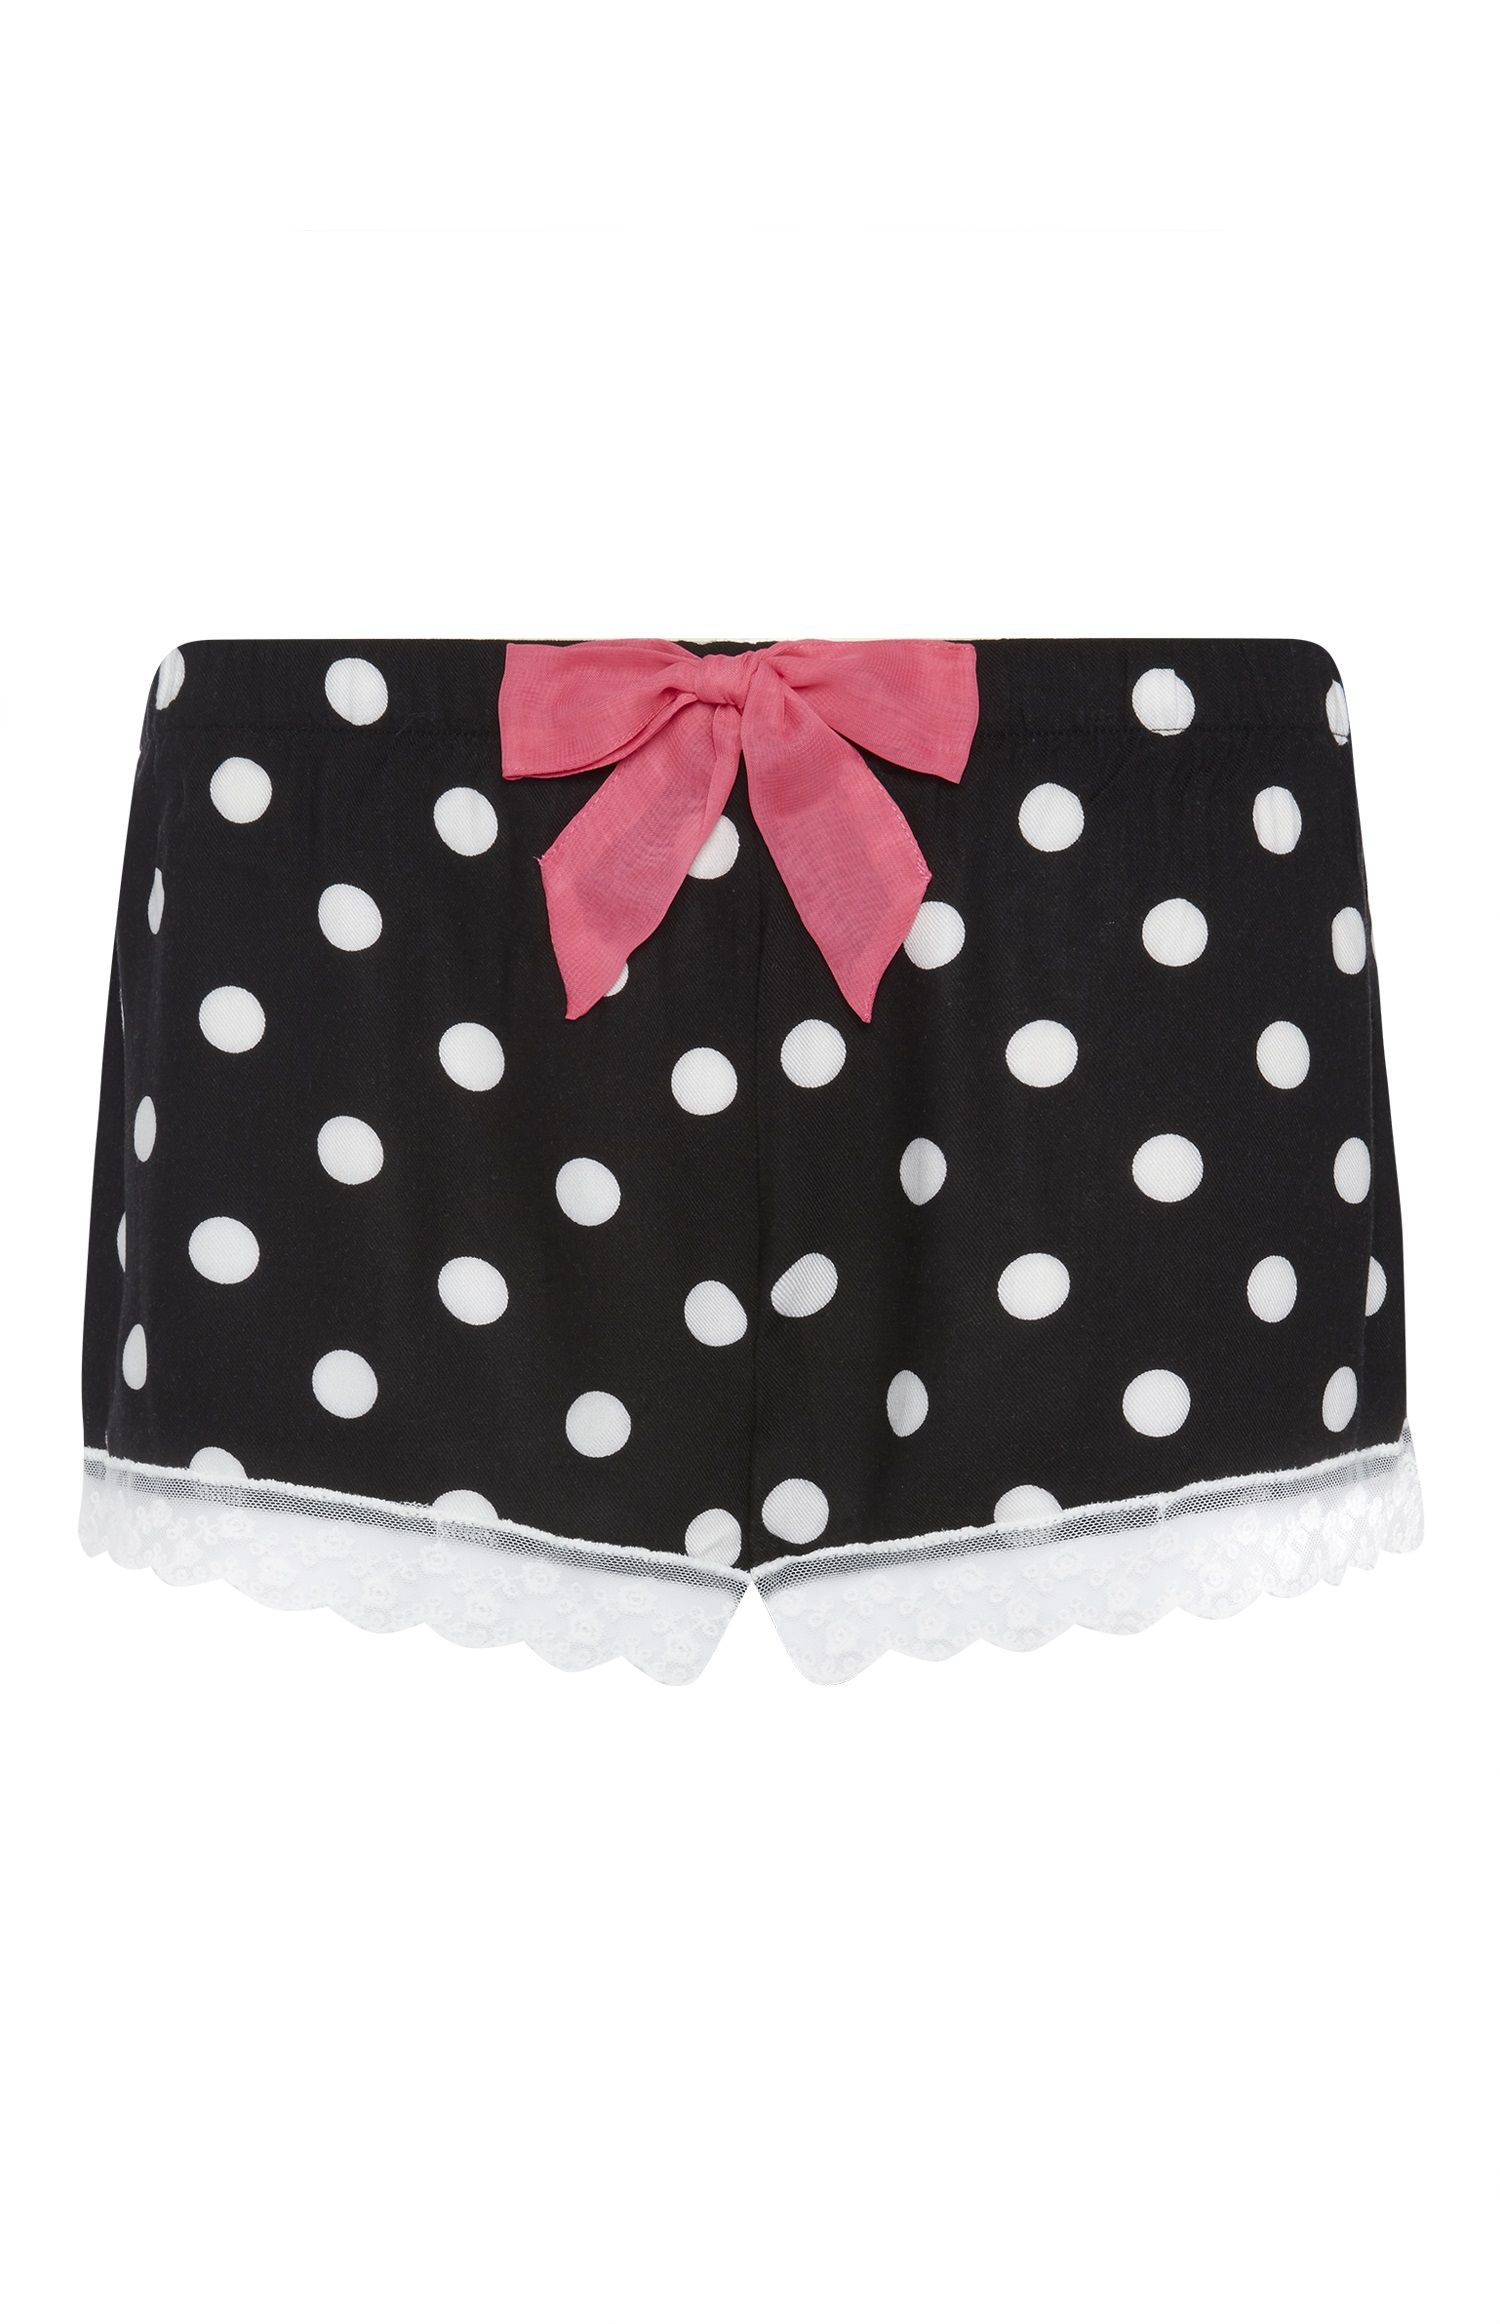 marques reconnues meilleure valeur Style magnifique Primark - Black Spotty Twill Pyjama Shorts | Nuit dame éte ...